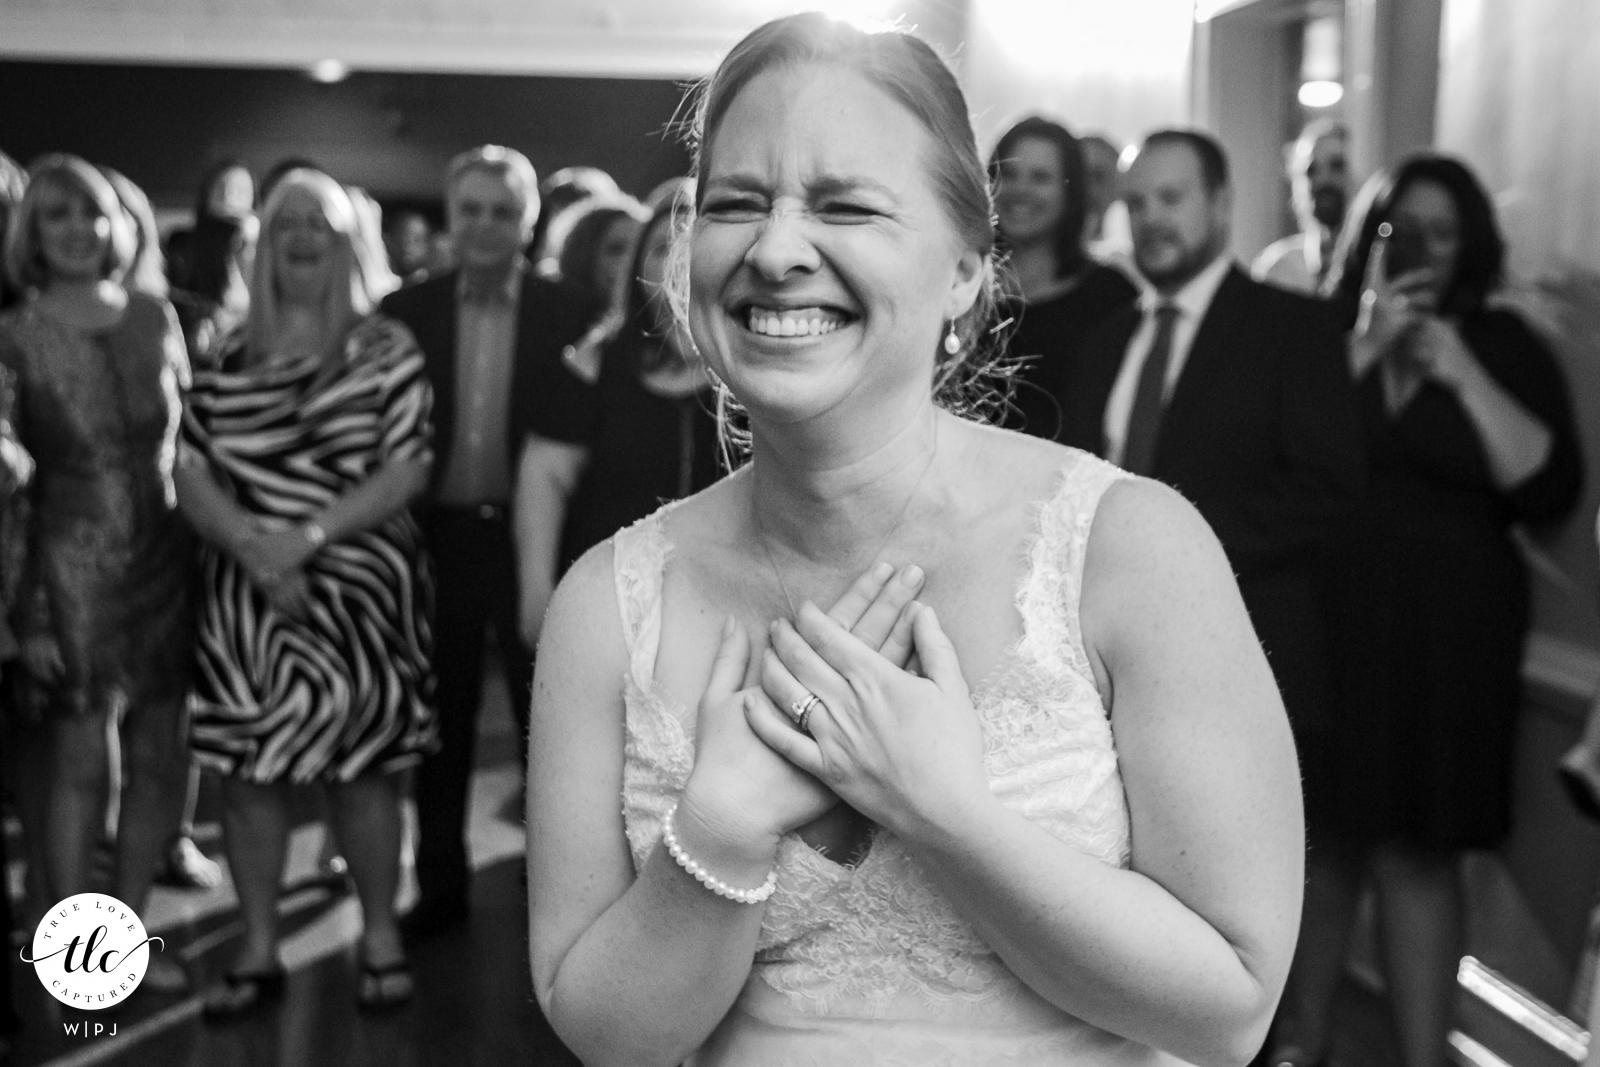 Aska Farms, Blue Ridge, GA imagen de la boda de la novia escuchando a su novio cantarle durante la recepción